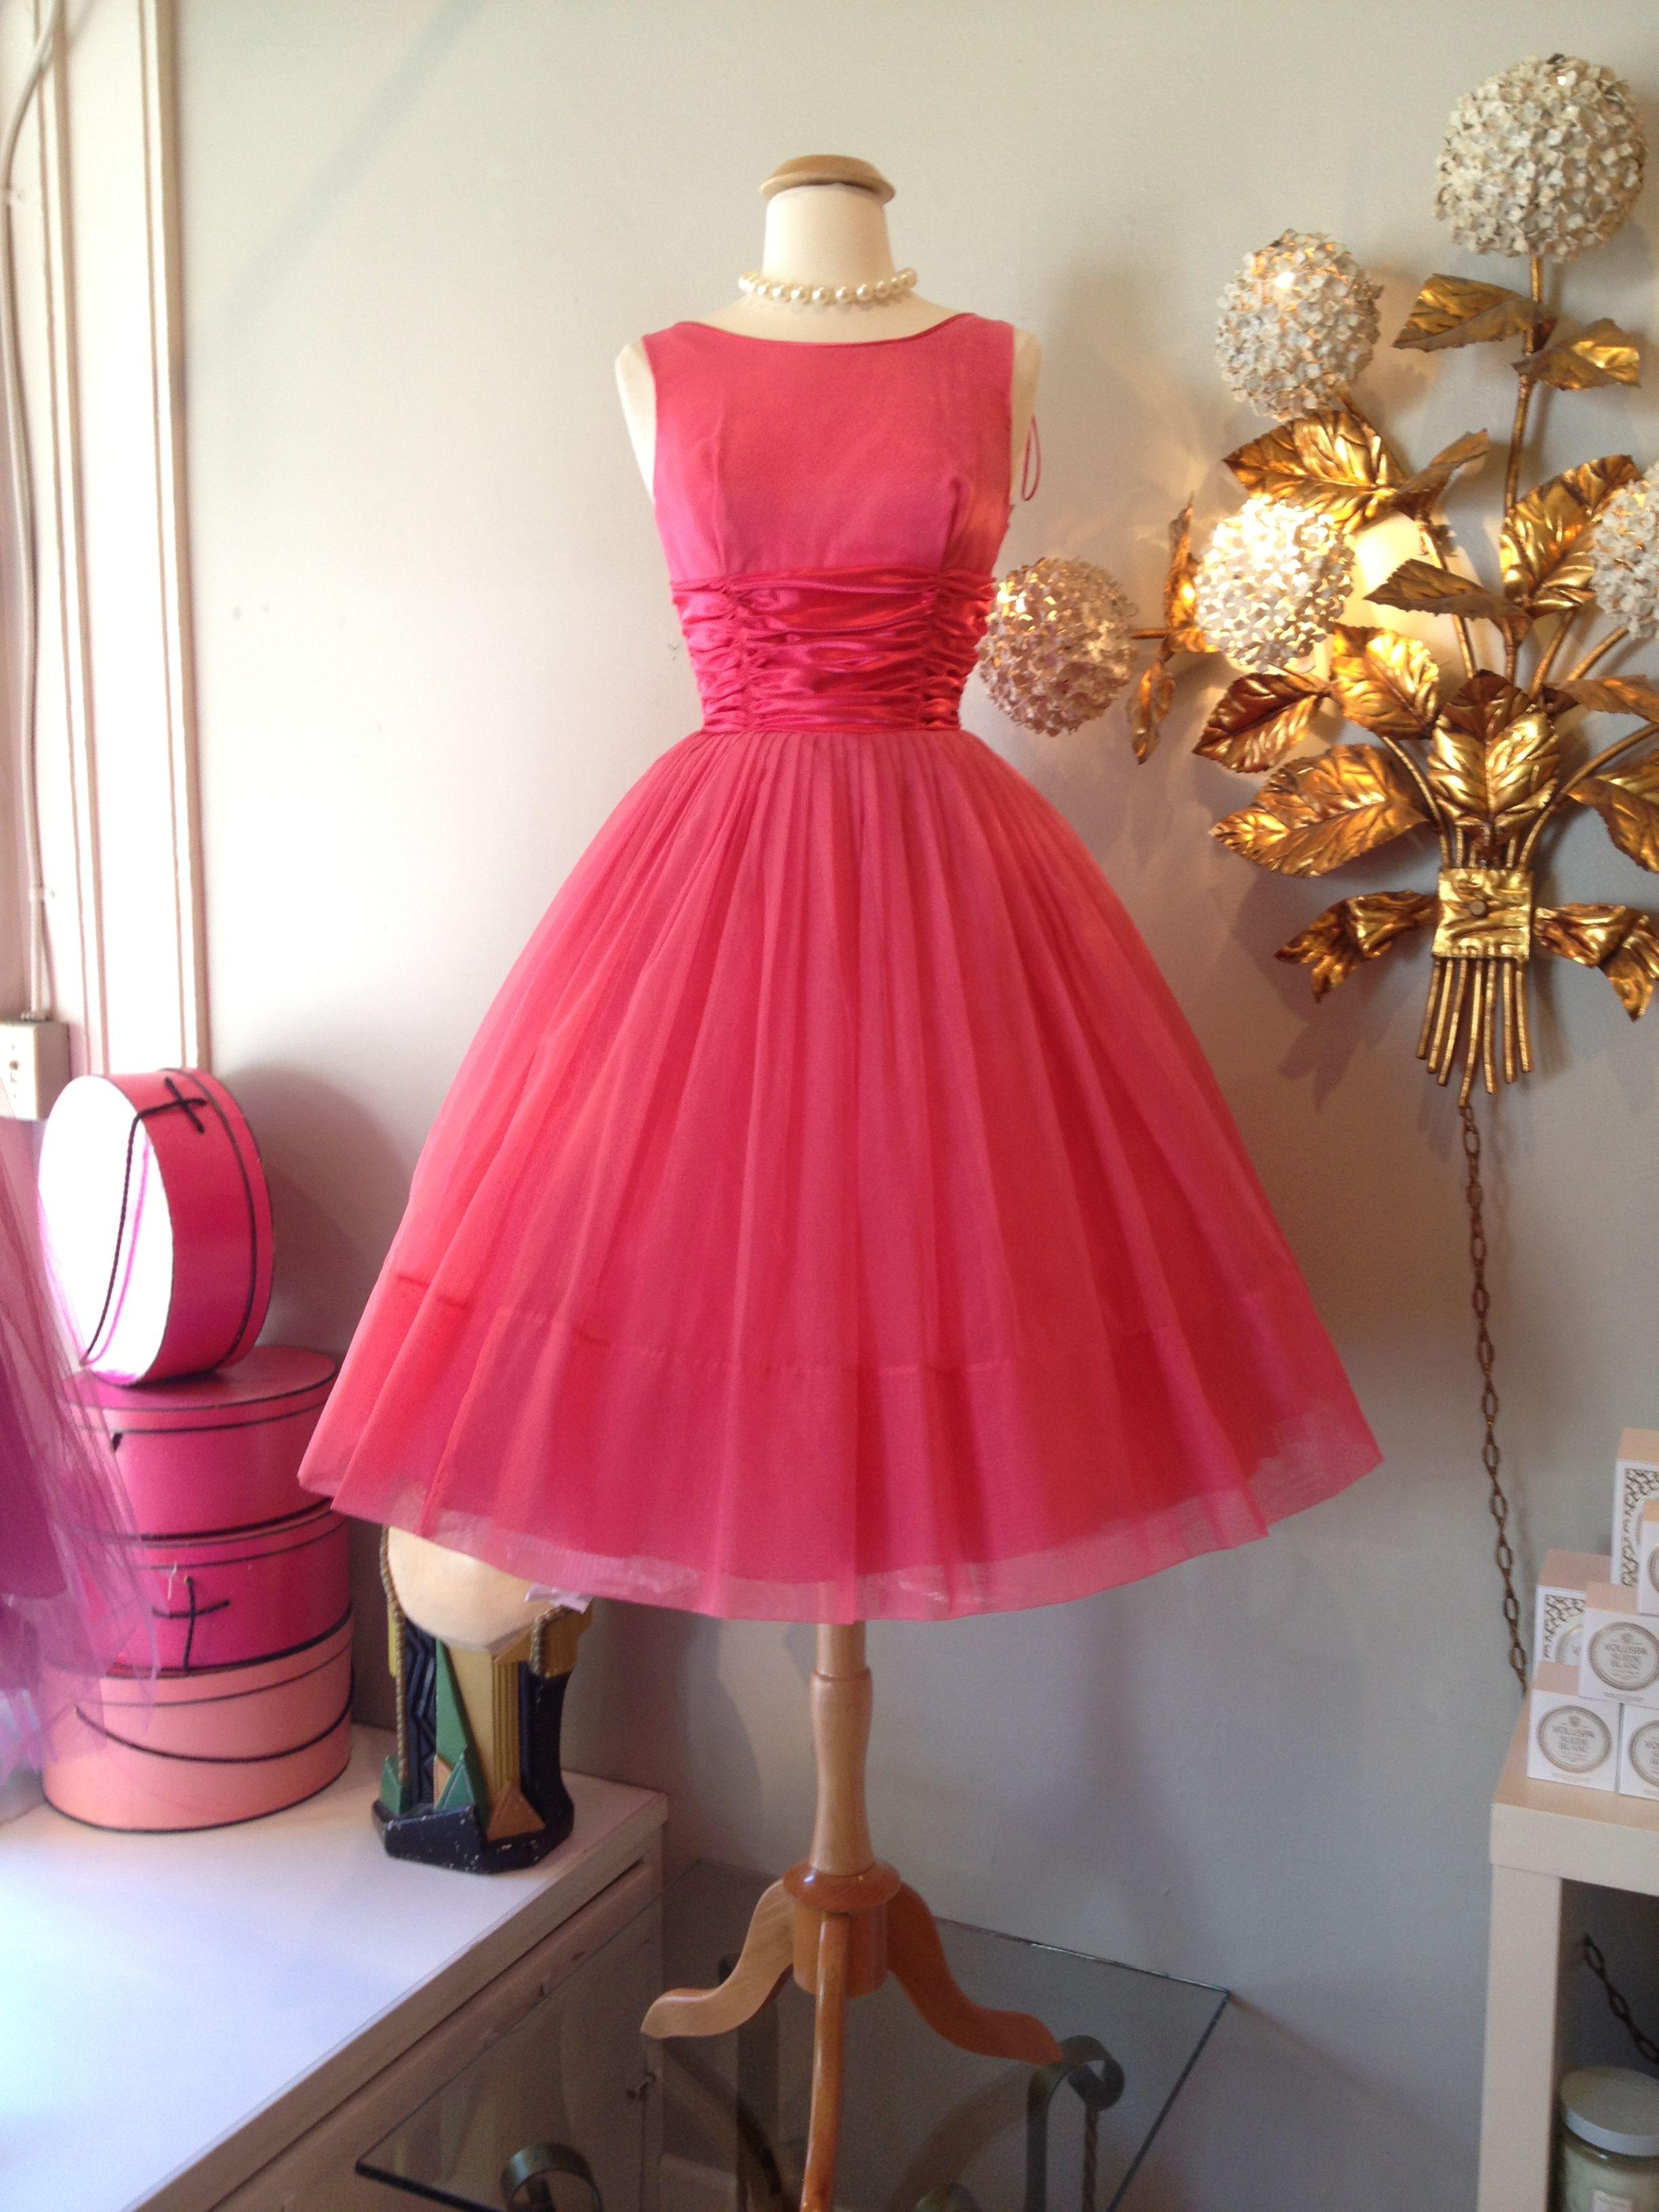 1960 S Pink Party Dress Waist 24 Unique Party Dresses Dresses Pink Party Dresses [ 3264 x 2448 Pixel ]